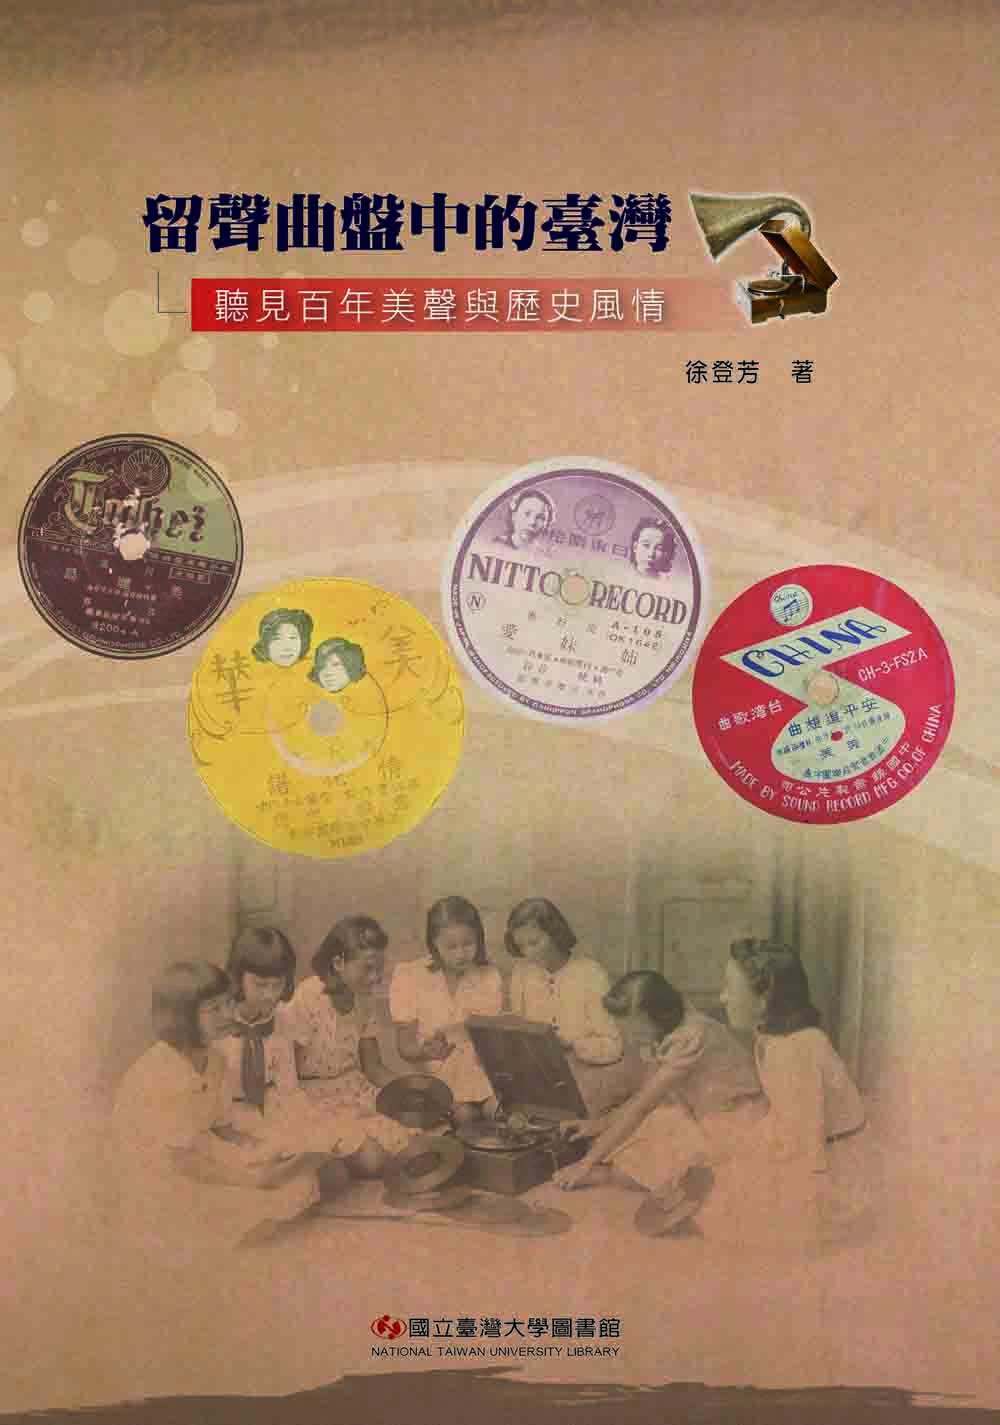 留聲曲盤中的臺灣──聽見百年美聲與歷史風情